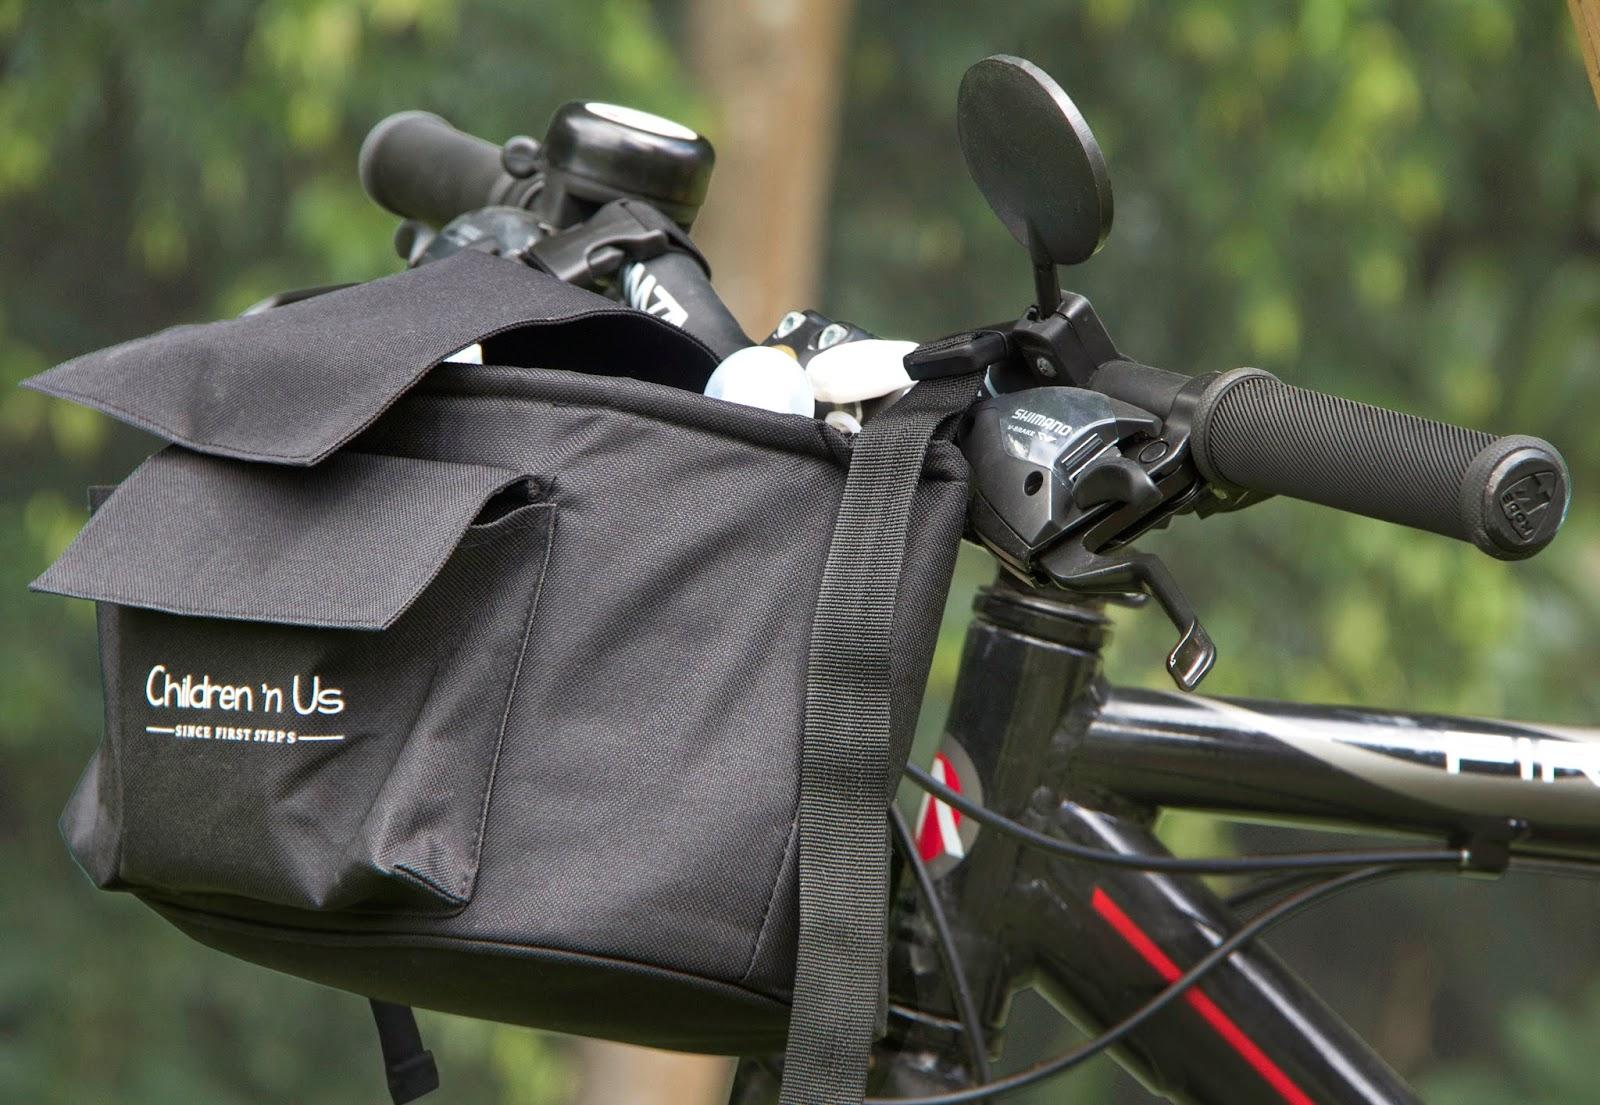 Biking-Handy Stroller Organizer